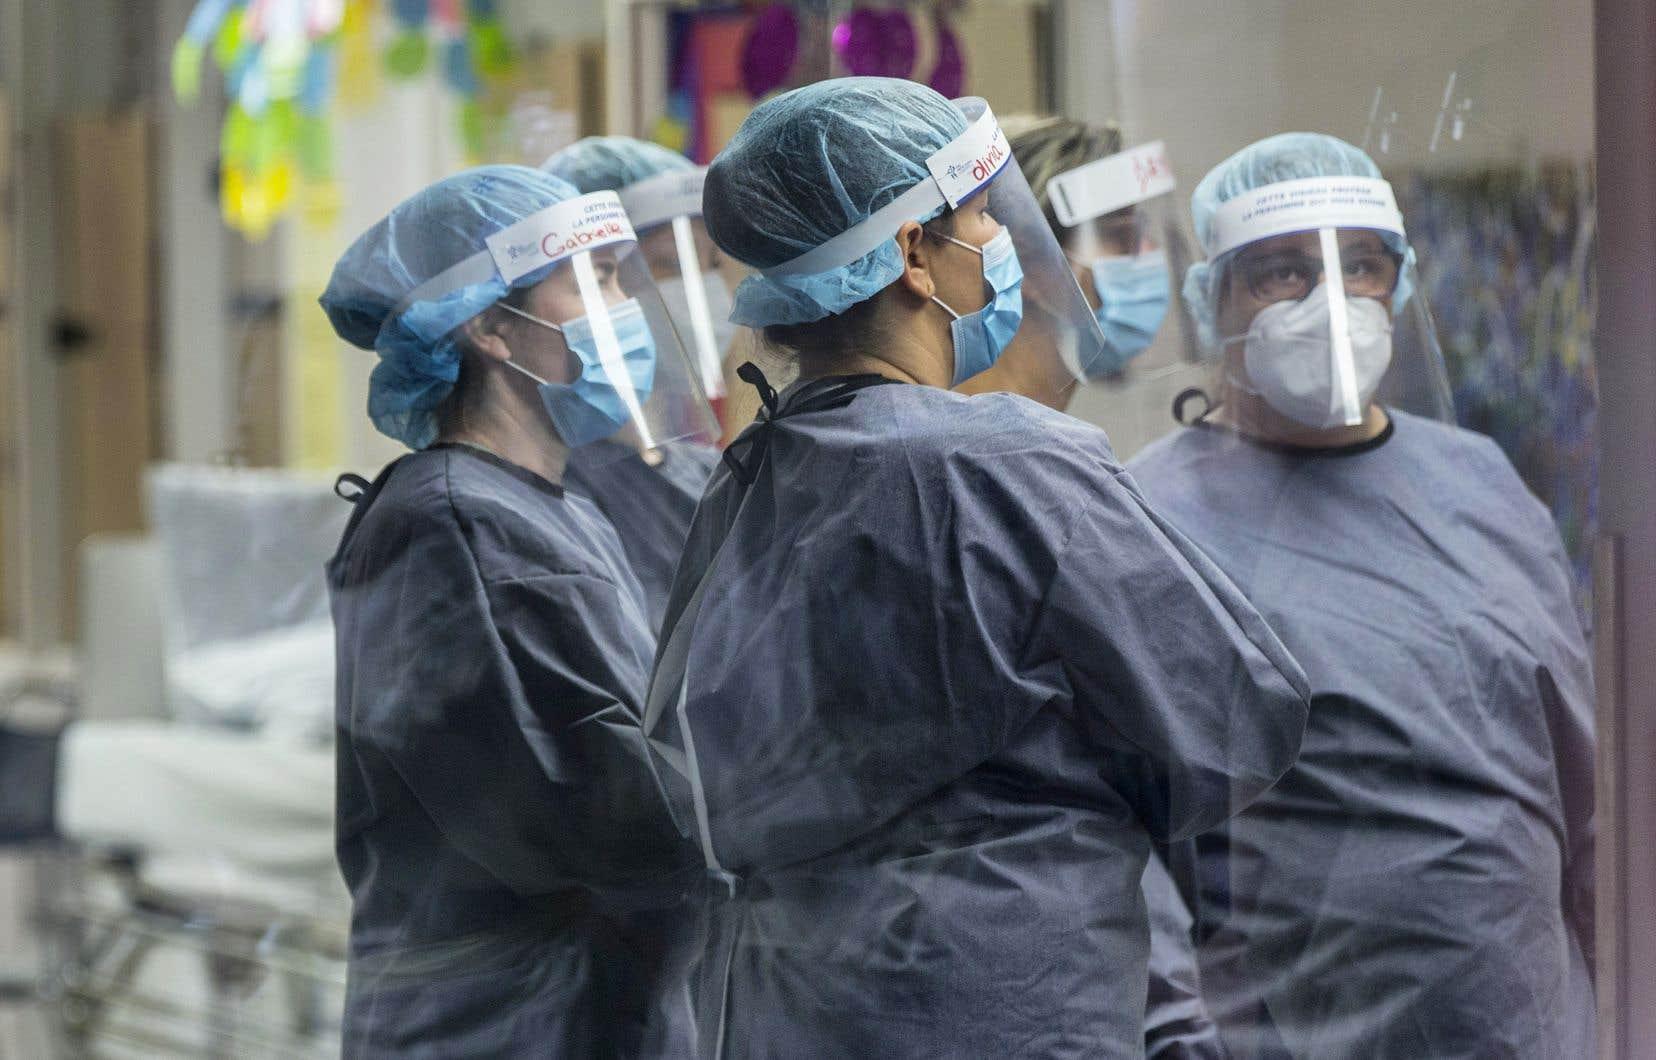 Le fort pourcentage d'employés asymptomatiques représente un problème majeur pour prévenir les éclosions dans les systèmes de santé.